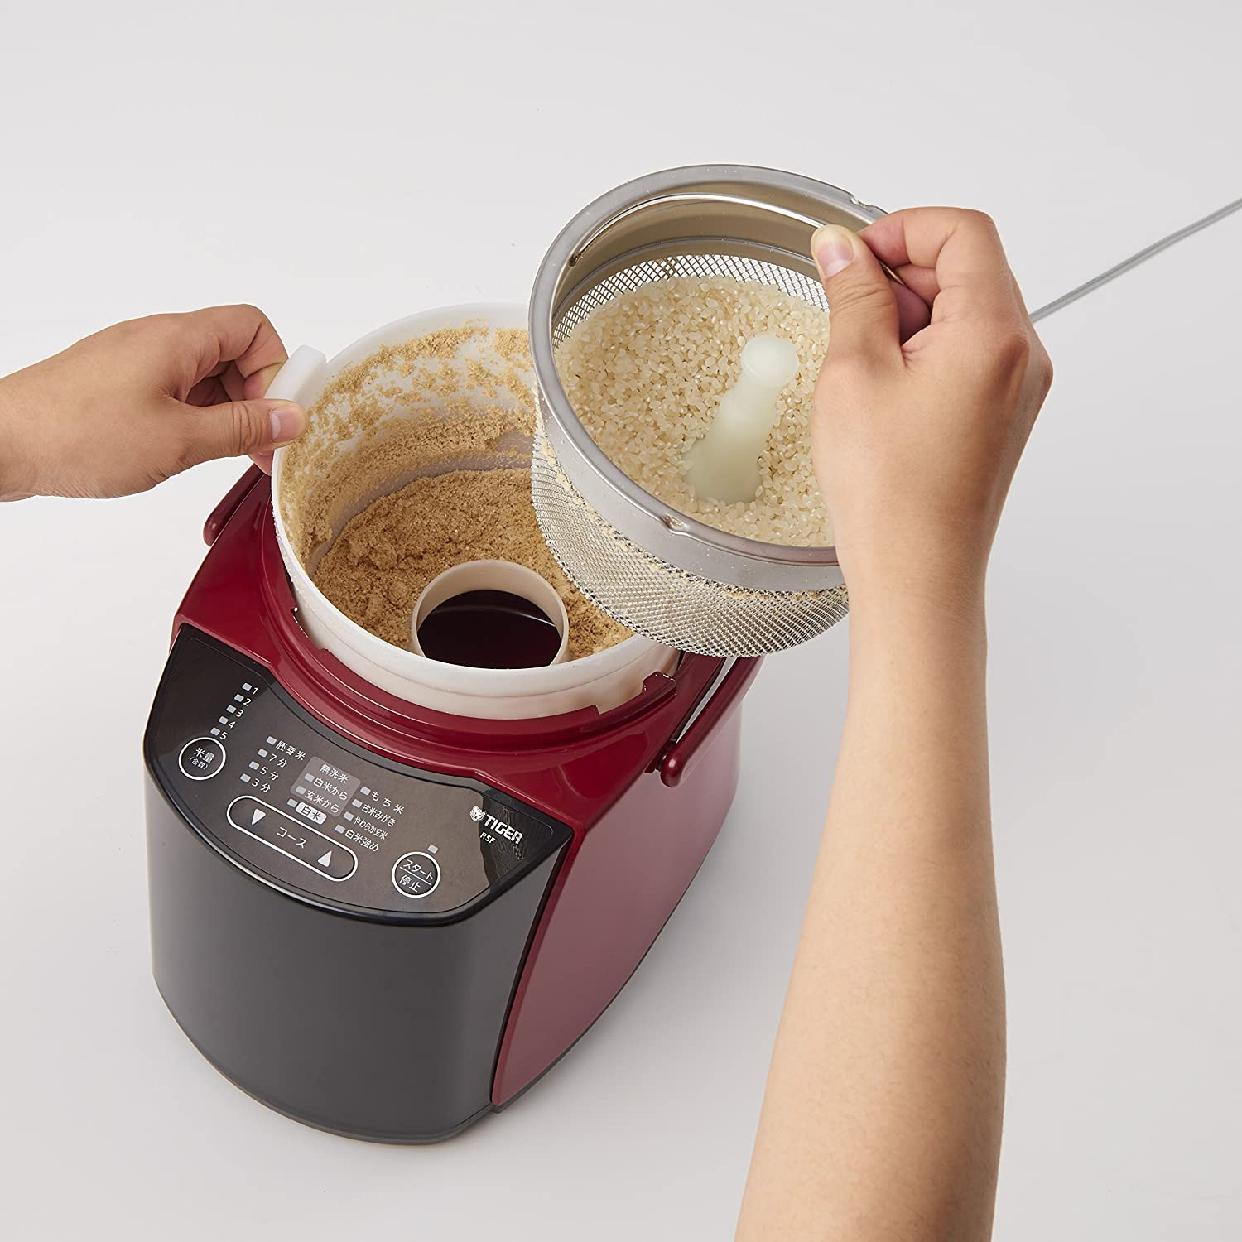 タイガー魔法瓶(タイガー)精米器(米とぎ機能つき)RSF-A100R レッドの商品画像6